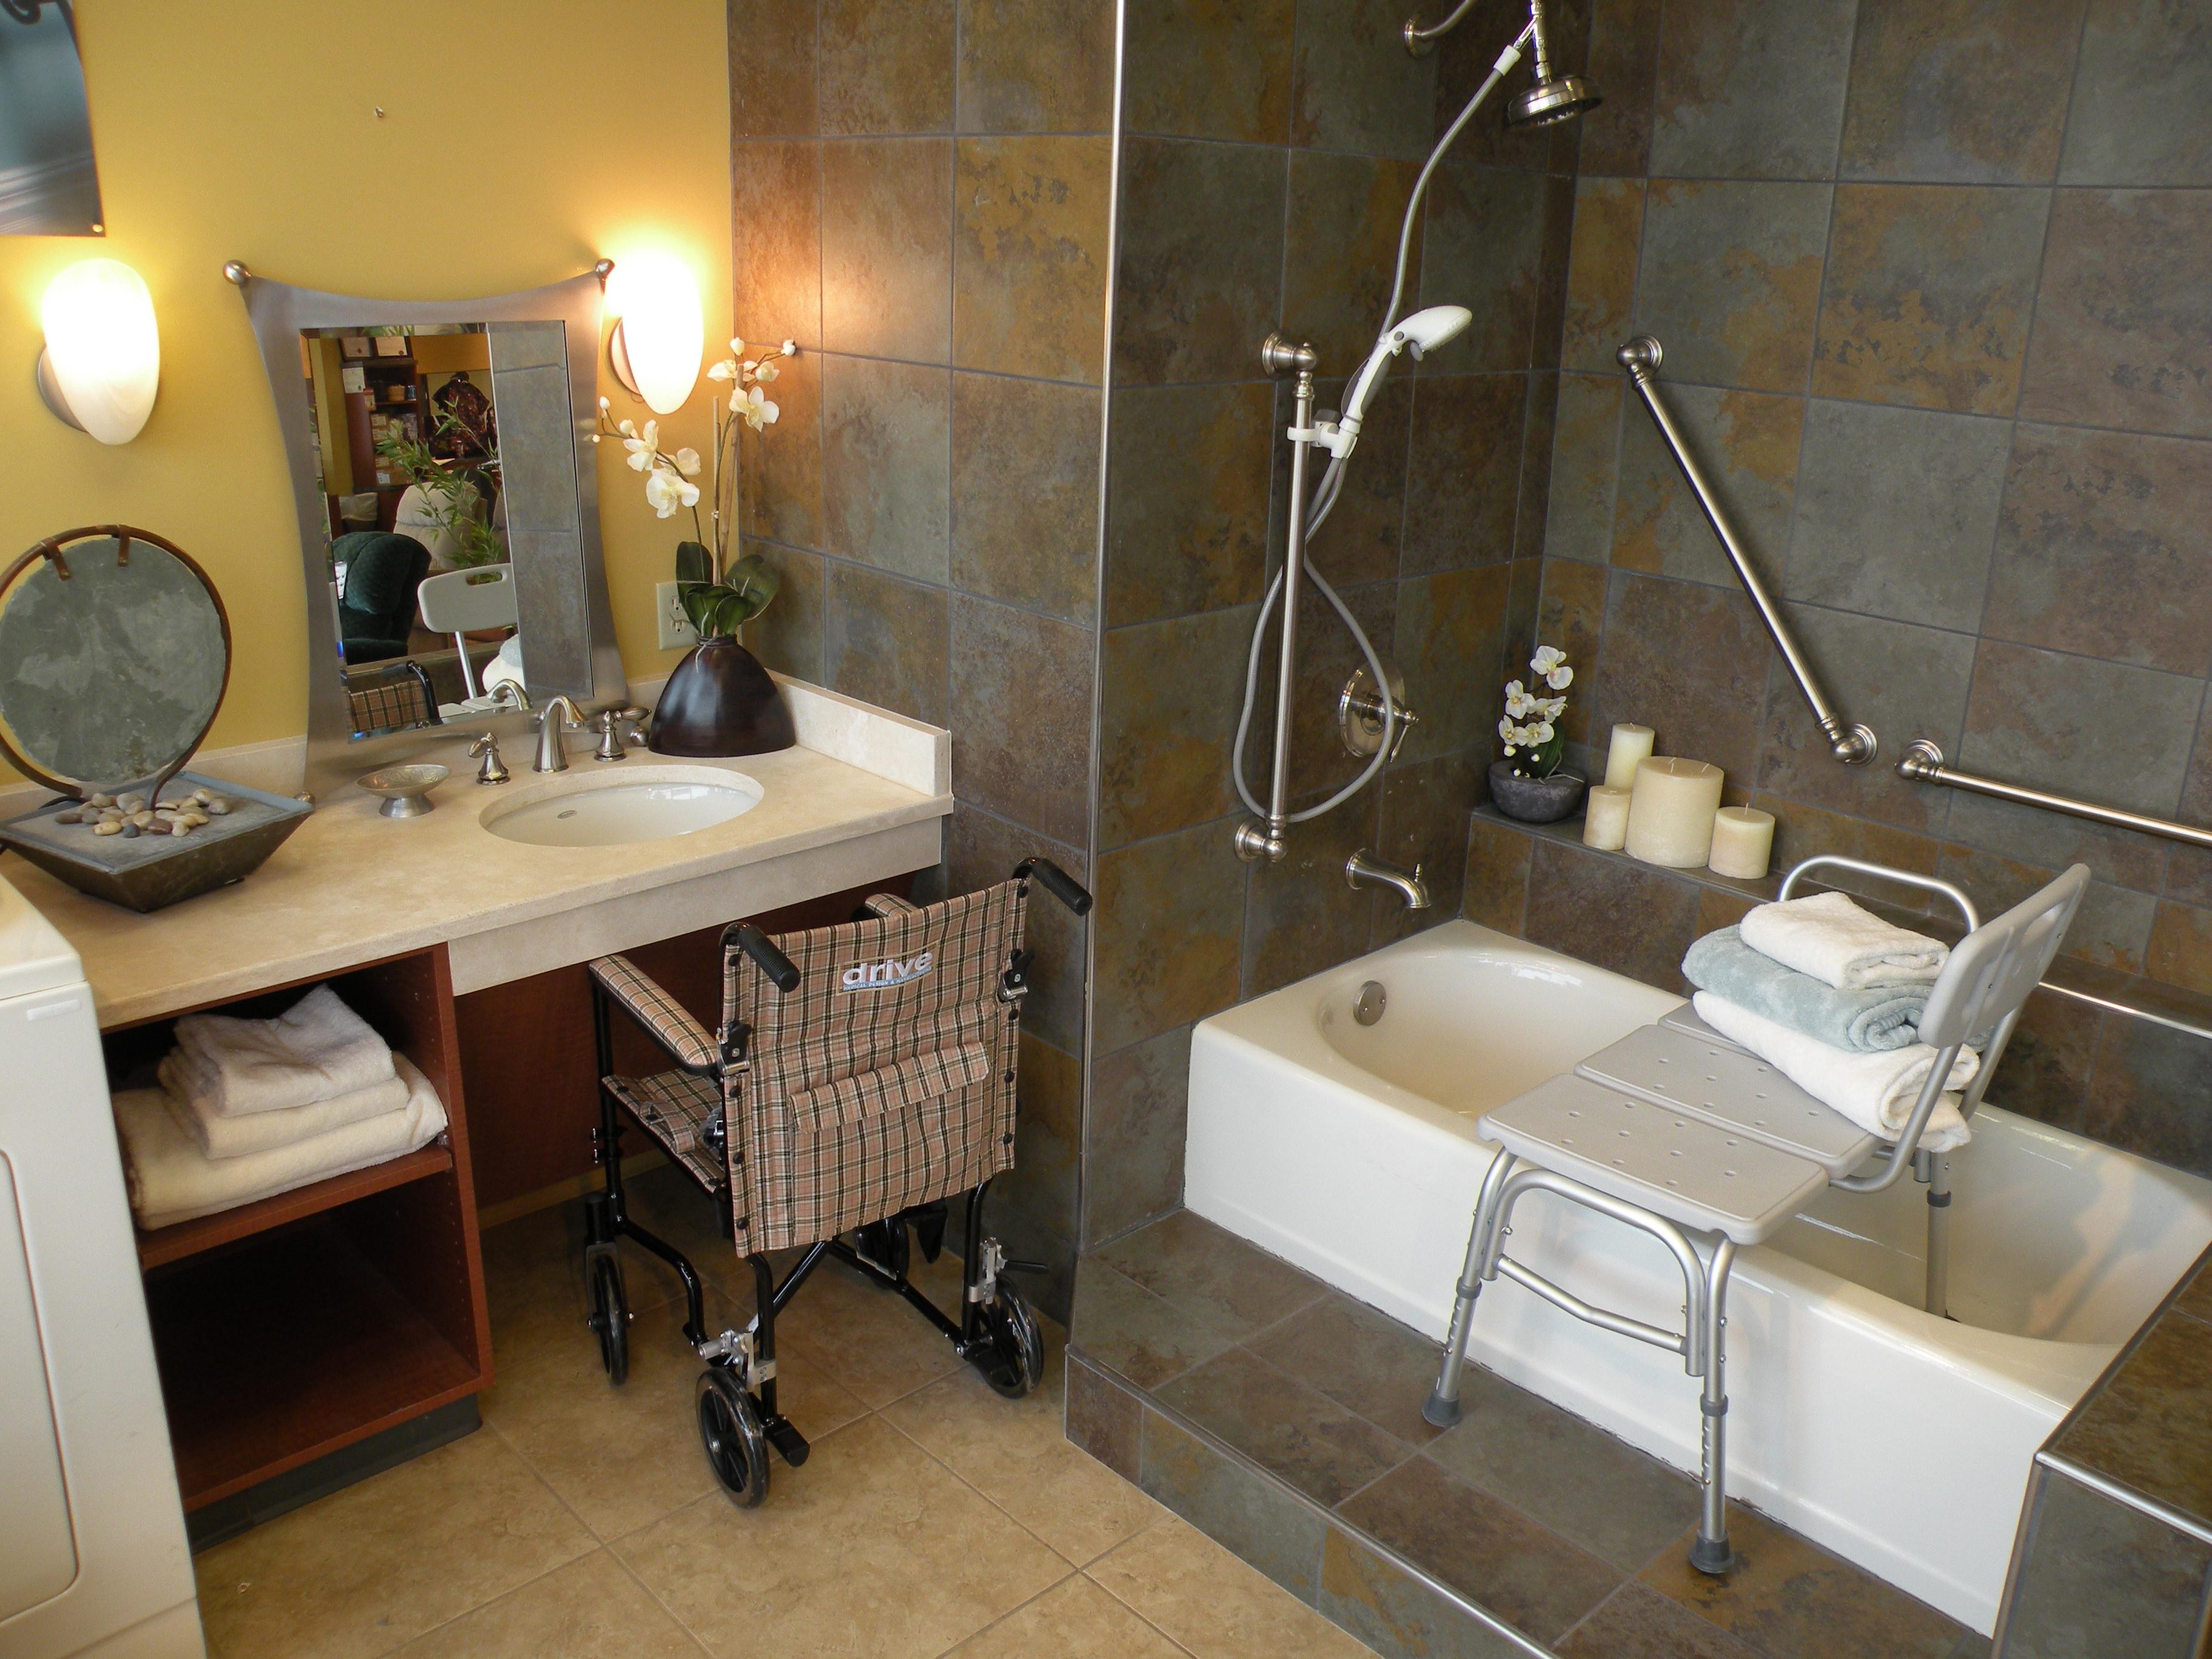 Bathroom for elderly